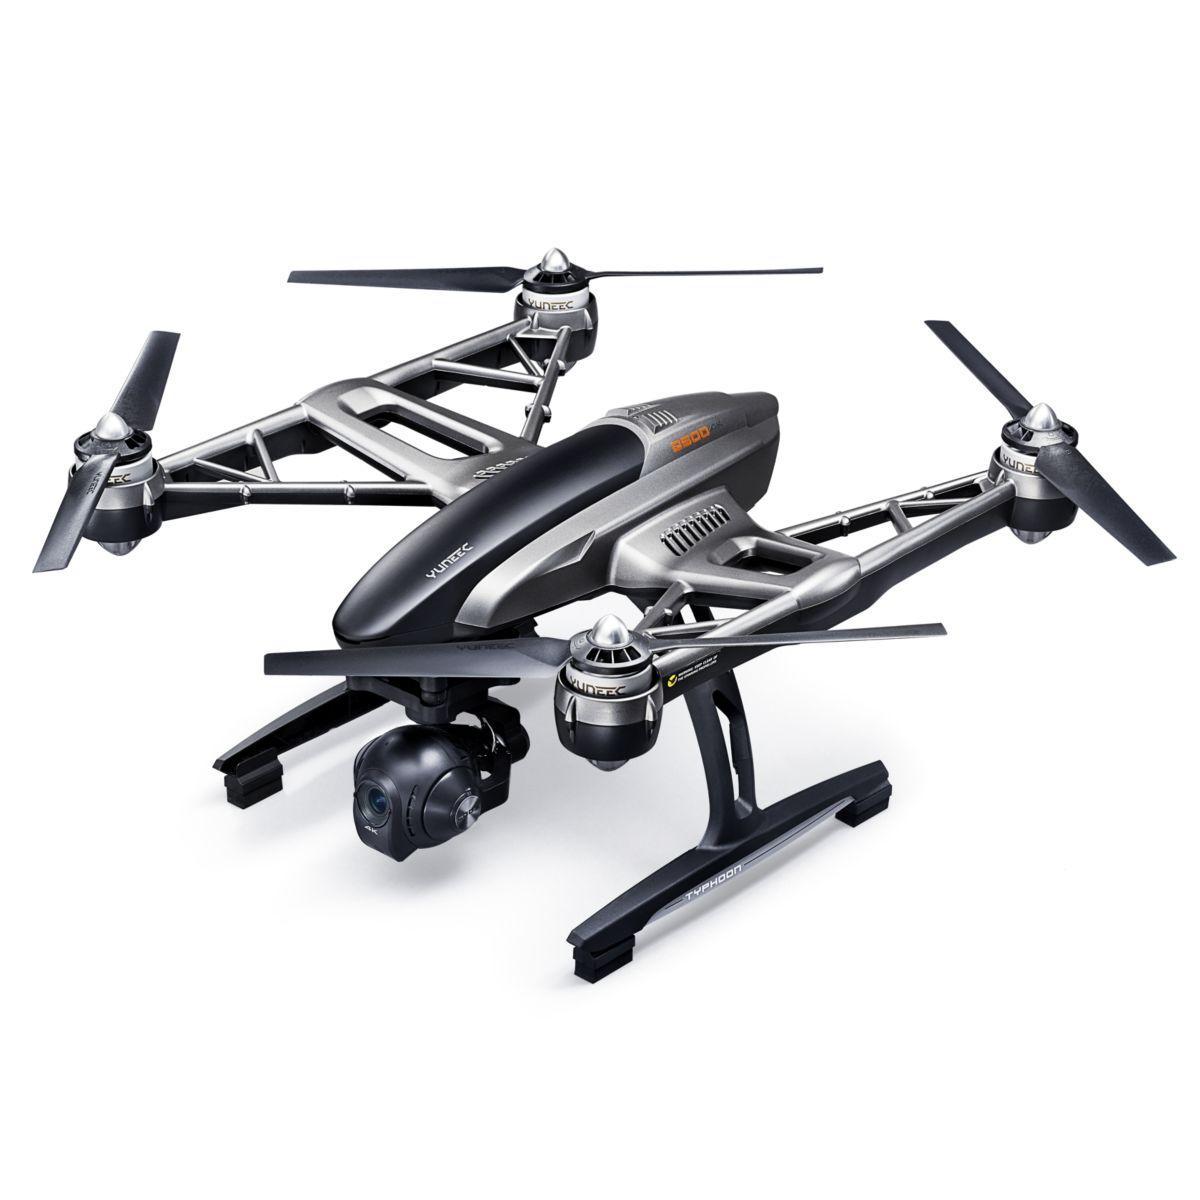 Drone yuneec q500 typhoon 4k - 2% de remise immédiate avec le code : fete2 (photo)